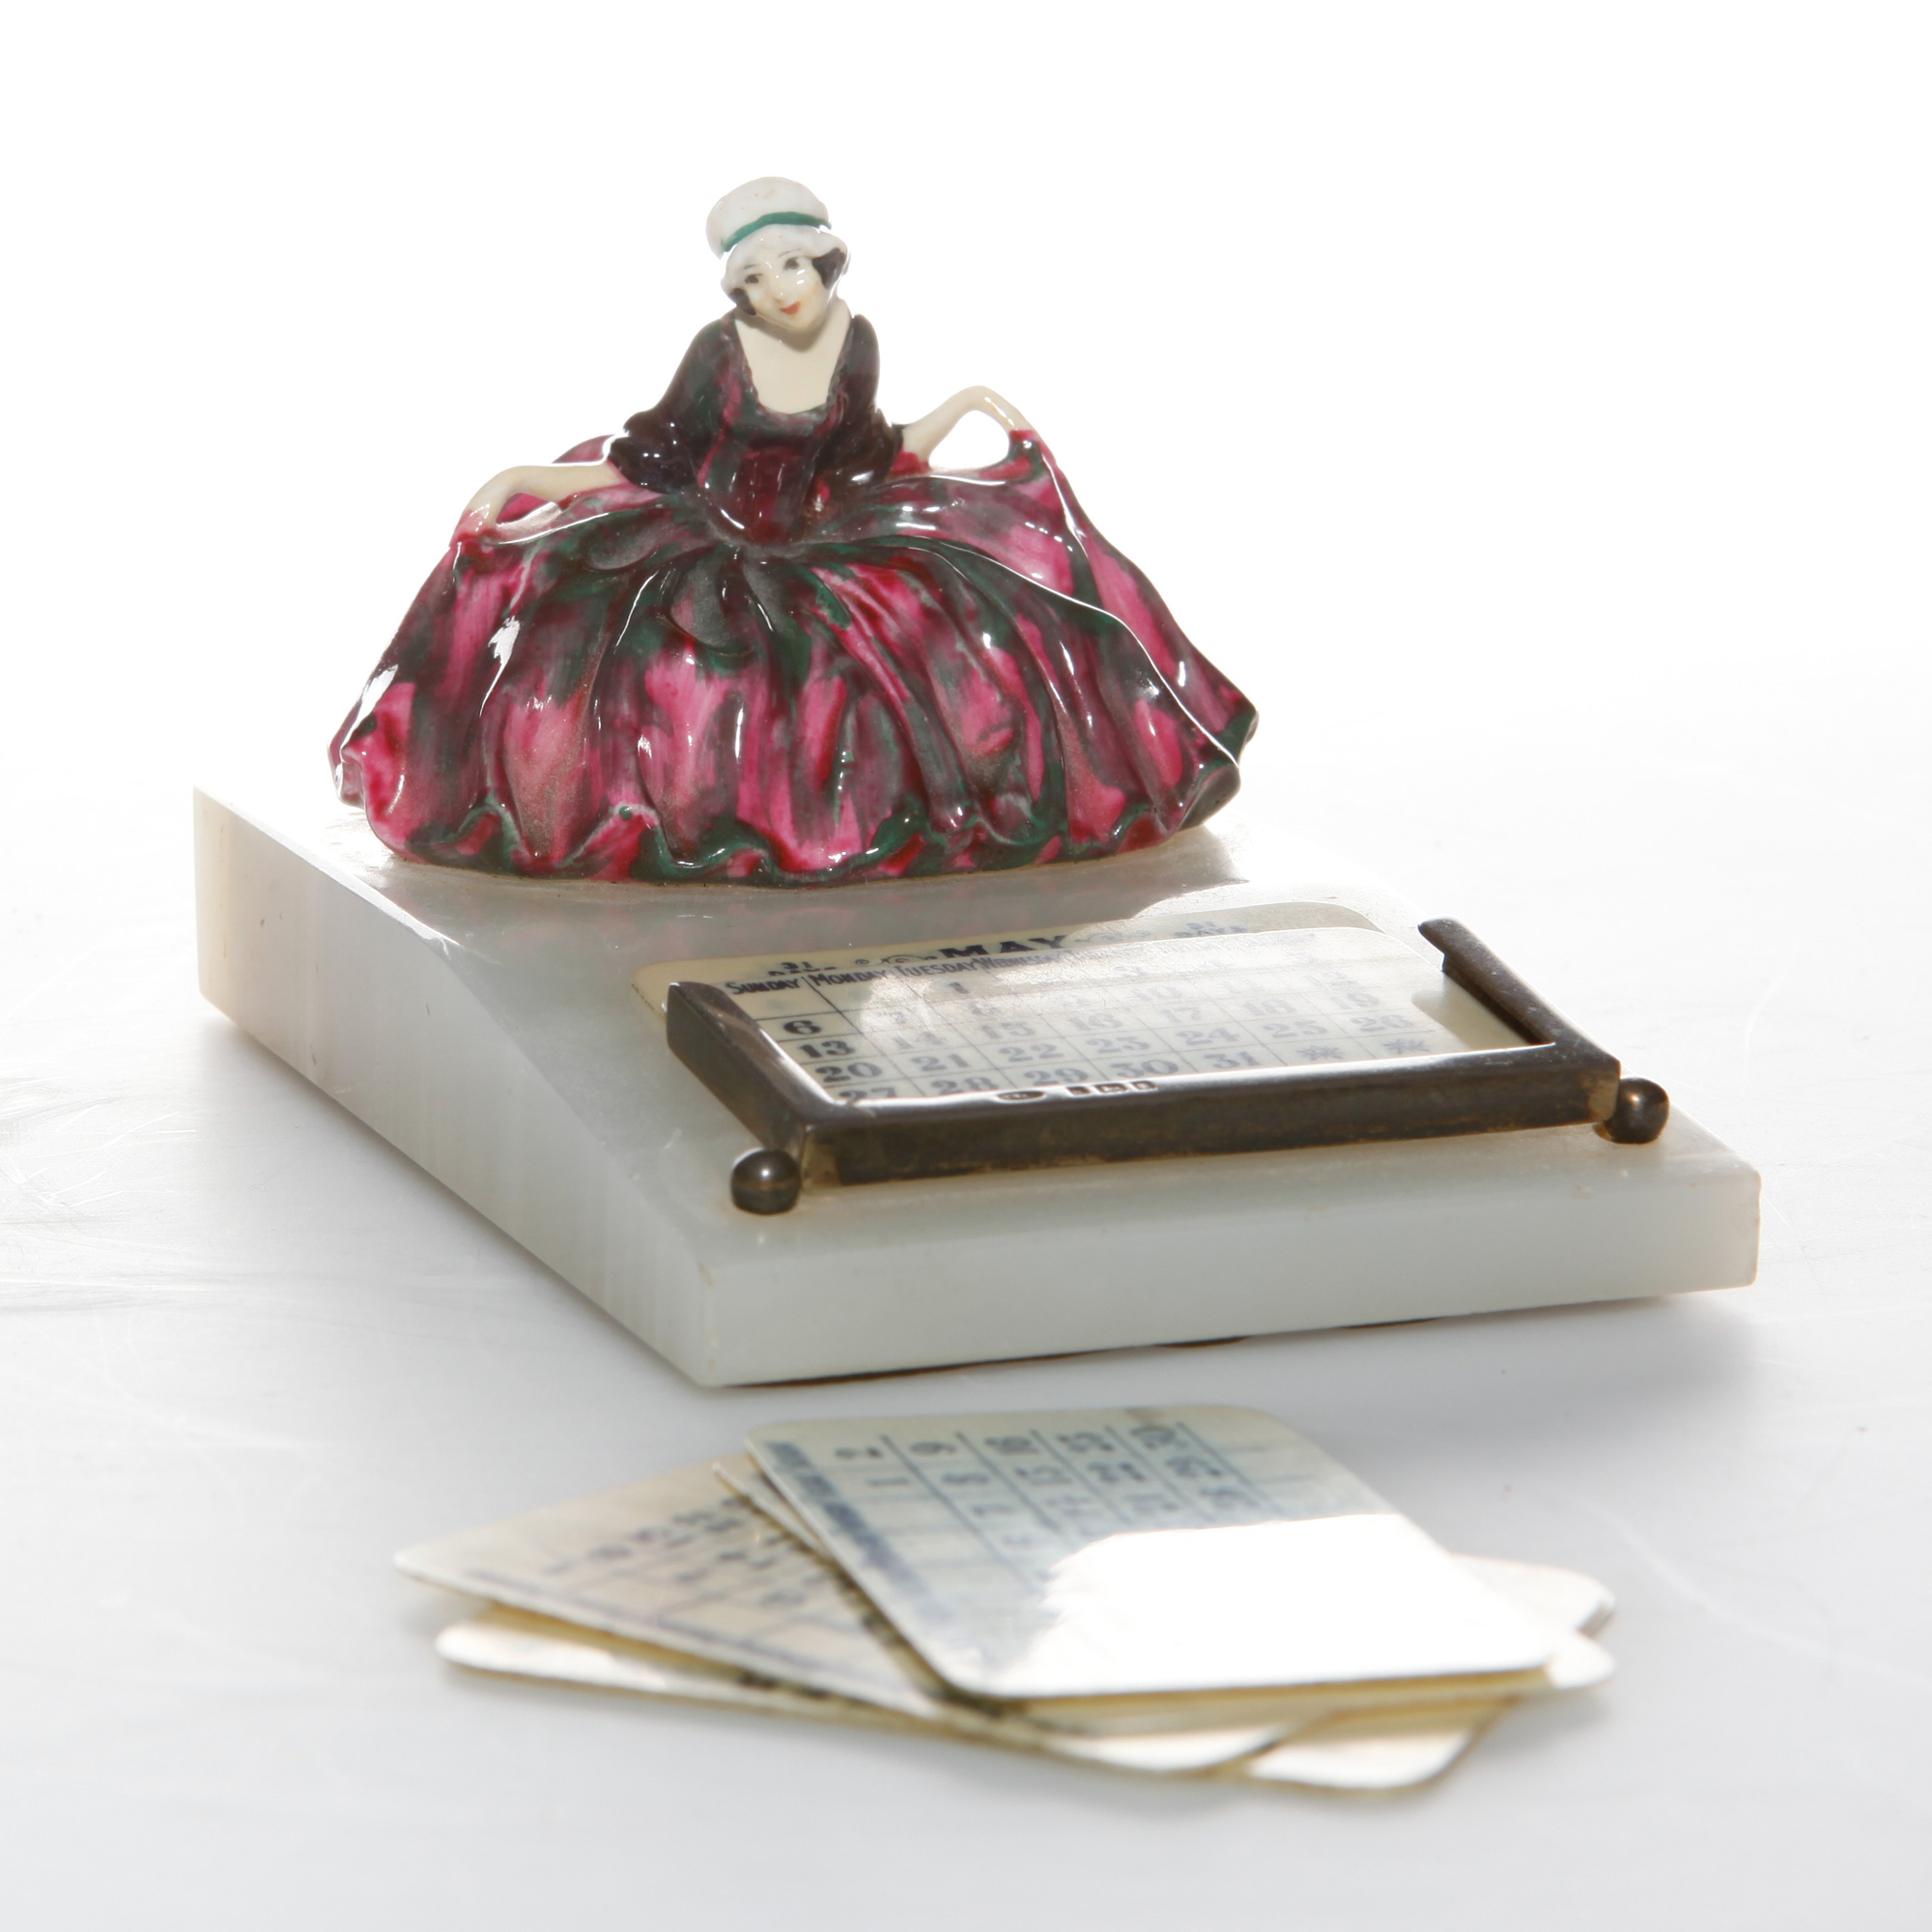 Polly Peachum - Calendar - Royal Doulton Figurine